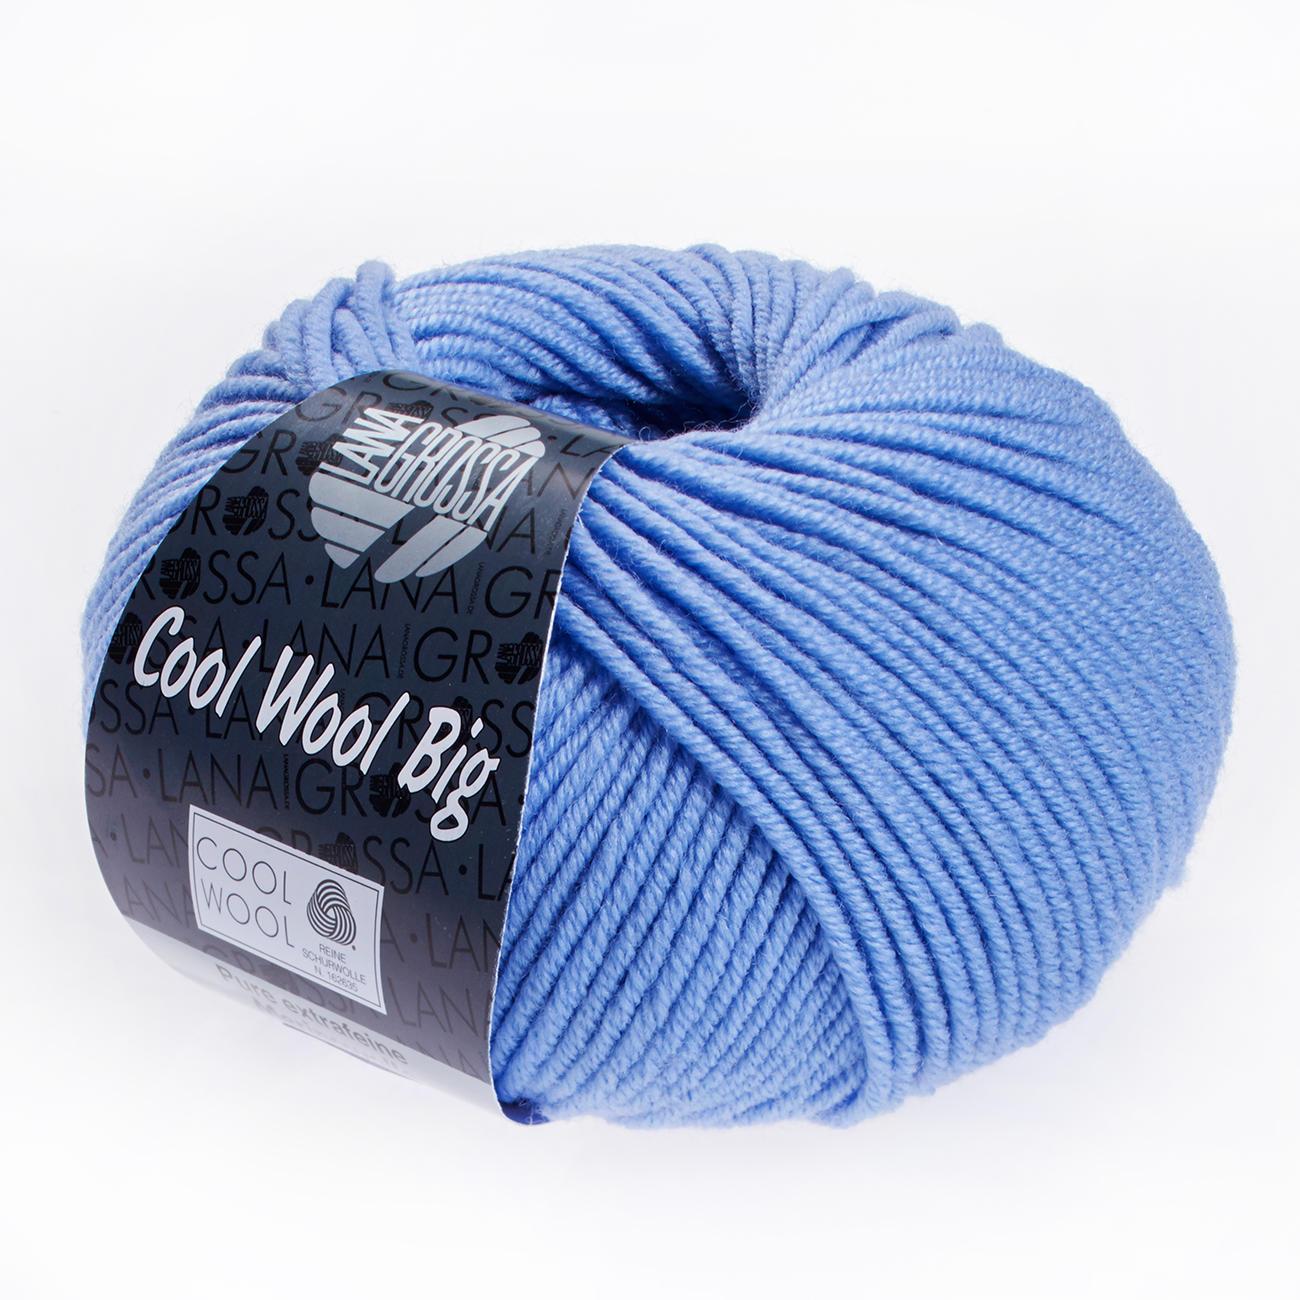 cool wool big von lana grossa 41 versch farben. Black Bedroom Furniture Sets. Home Design Ideas